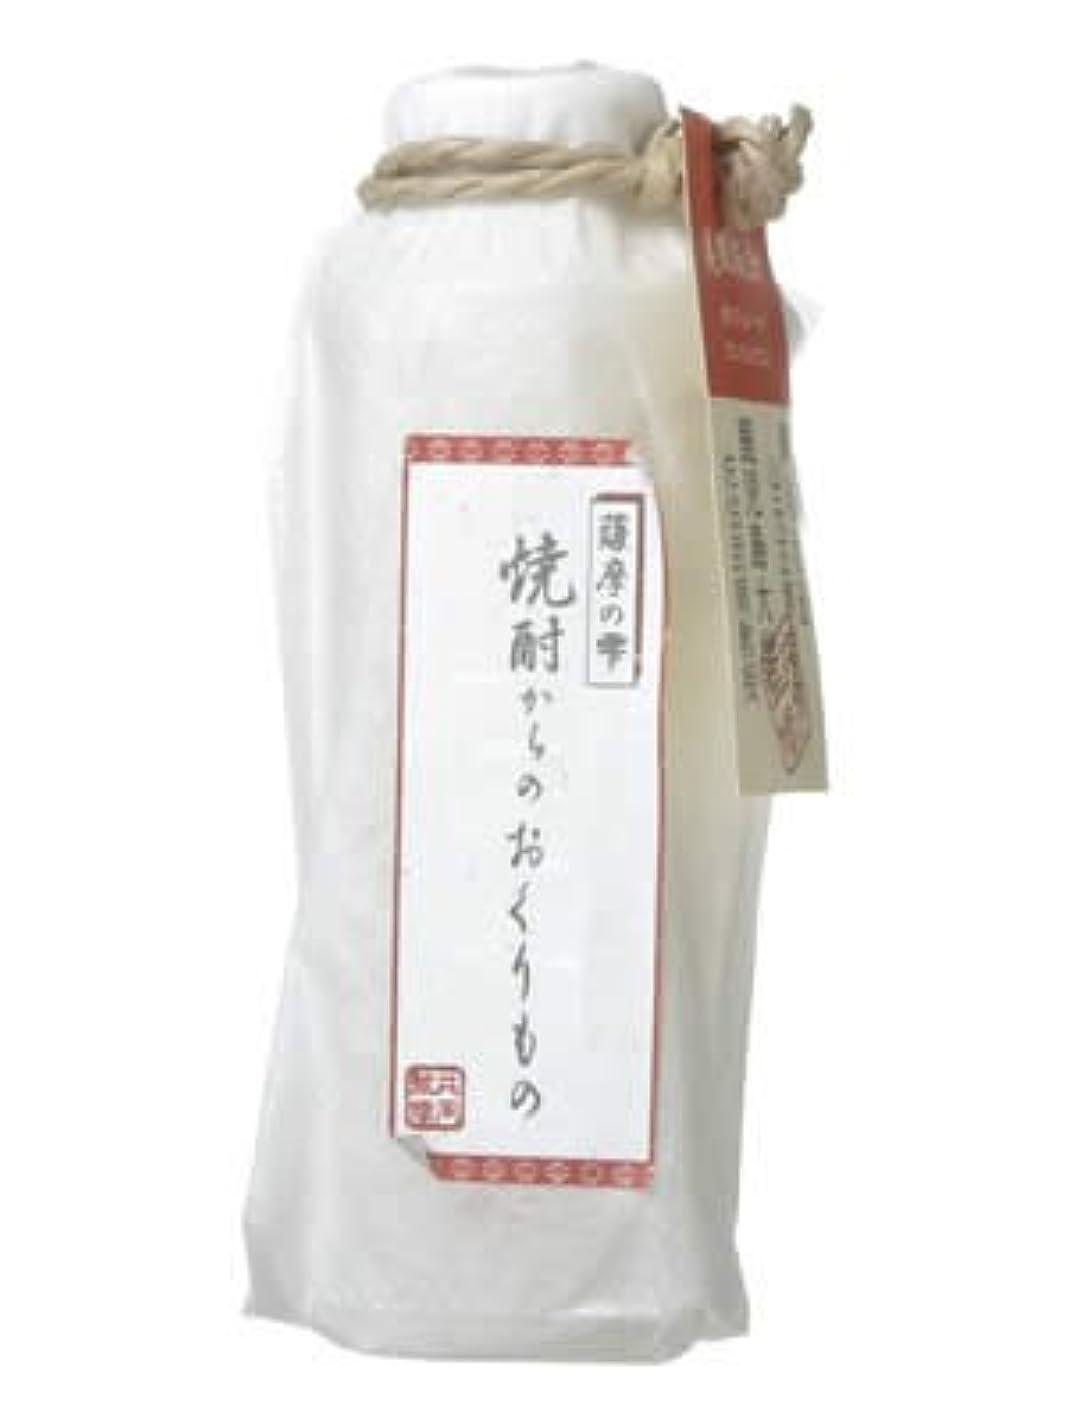 バス土地期限薩摩の雫 美容液(焼酎からのおくりもの) 200ml